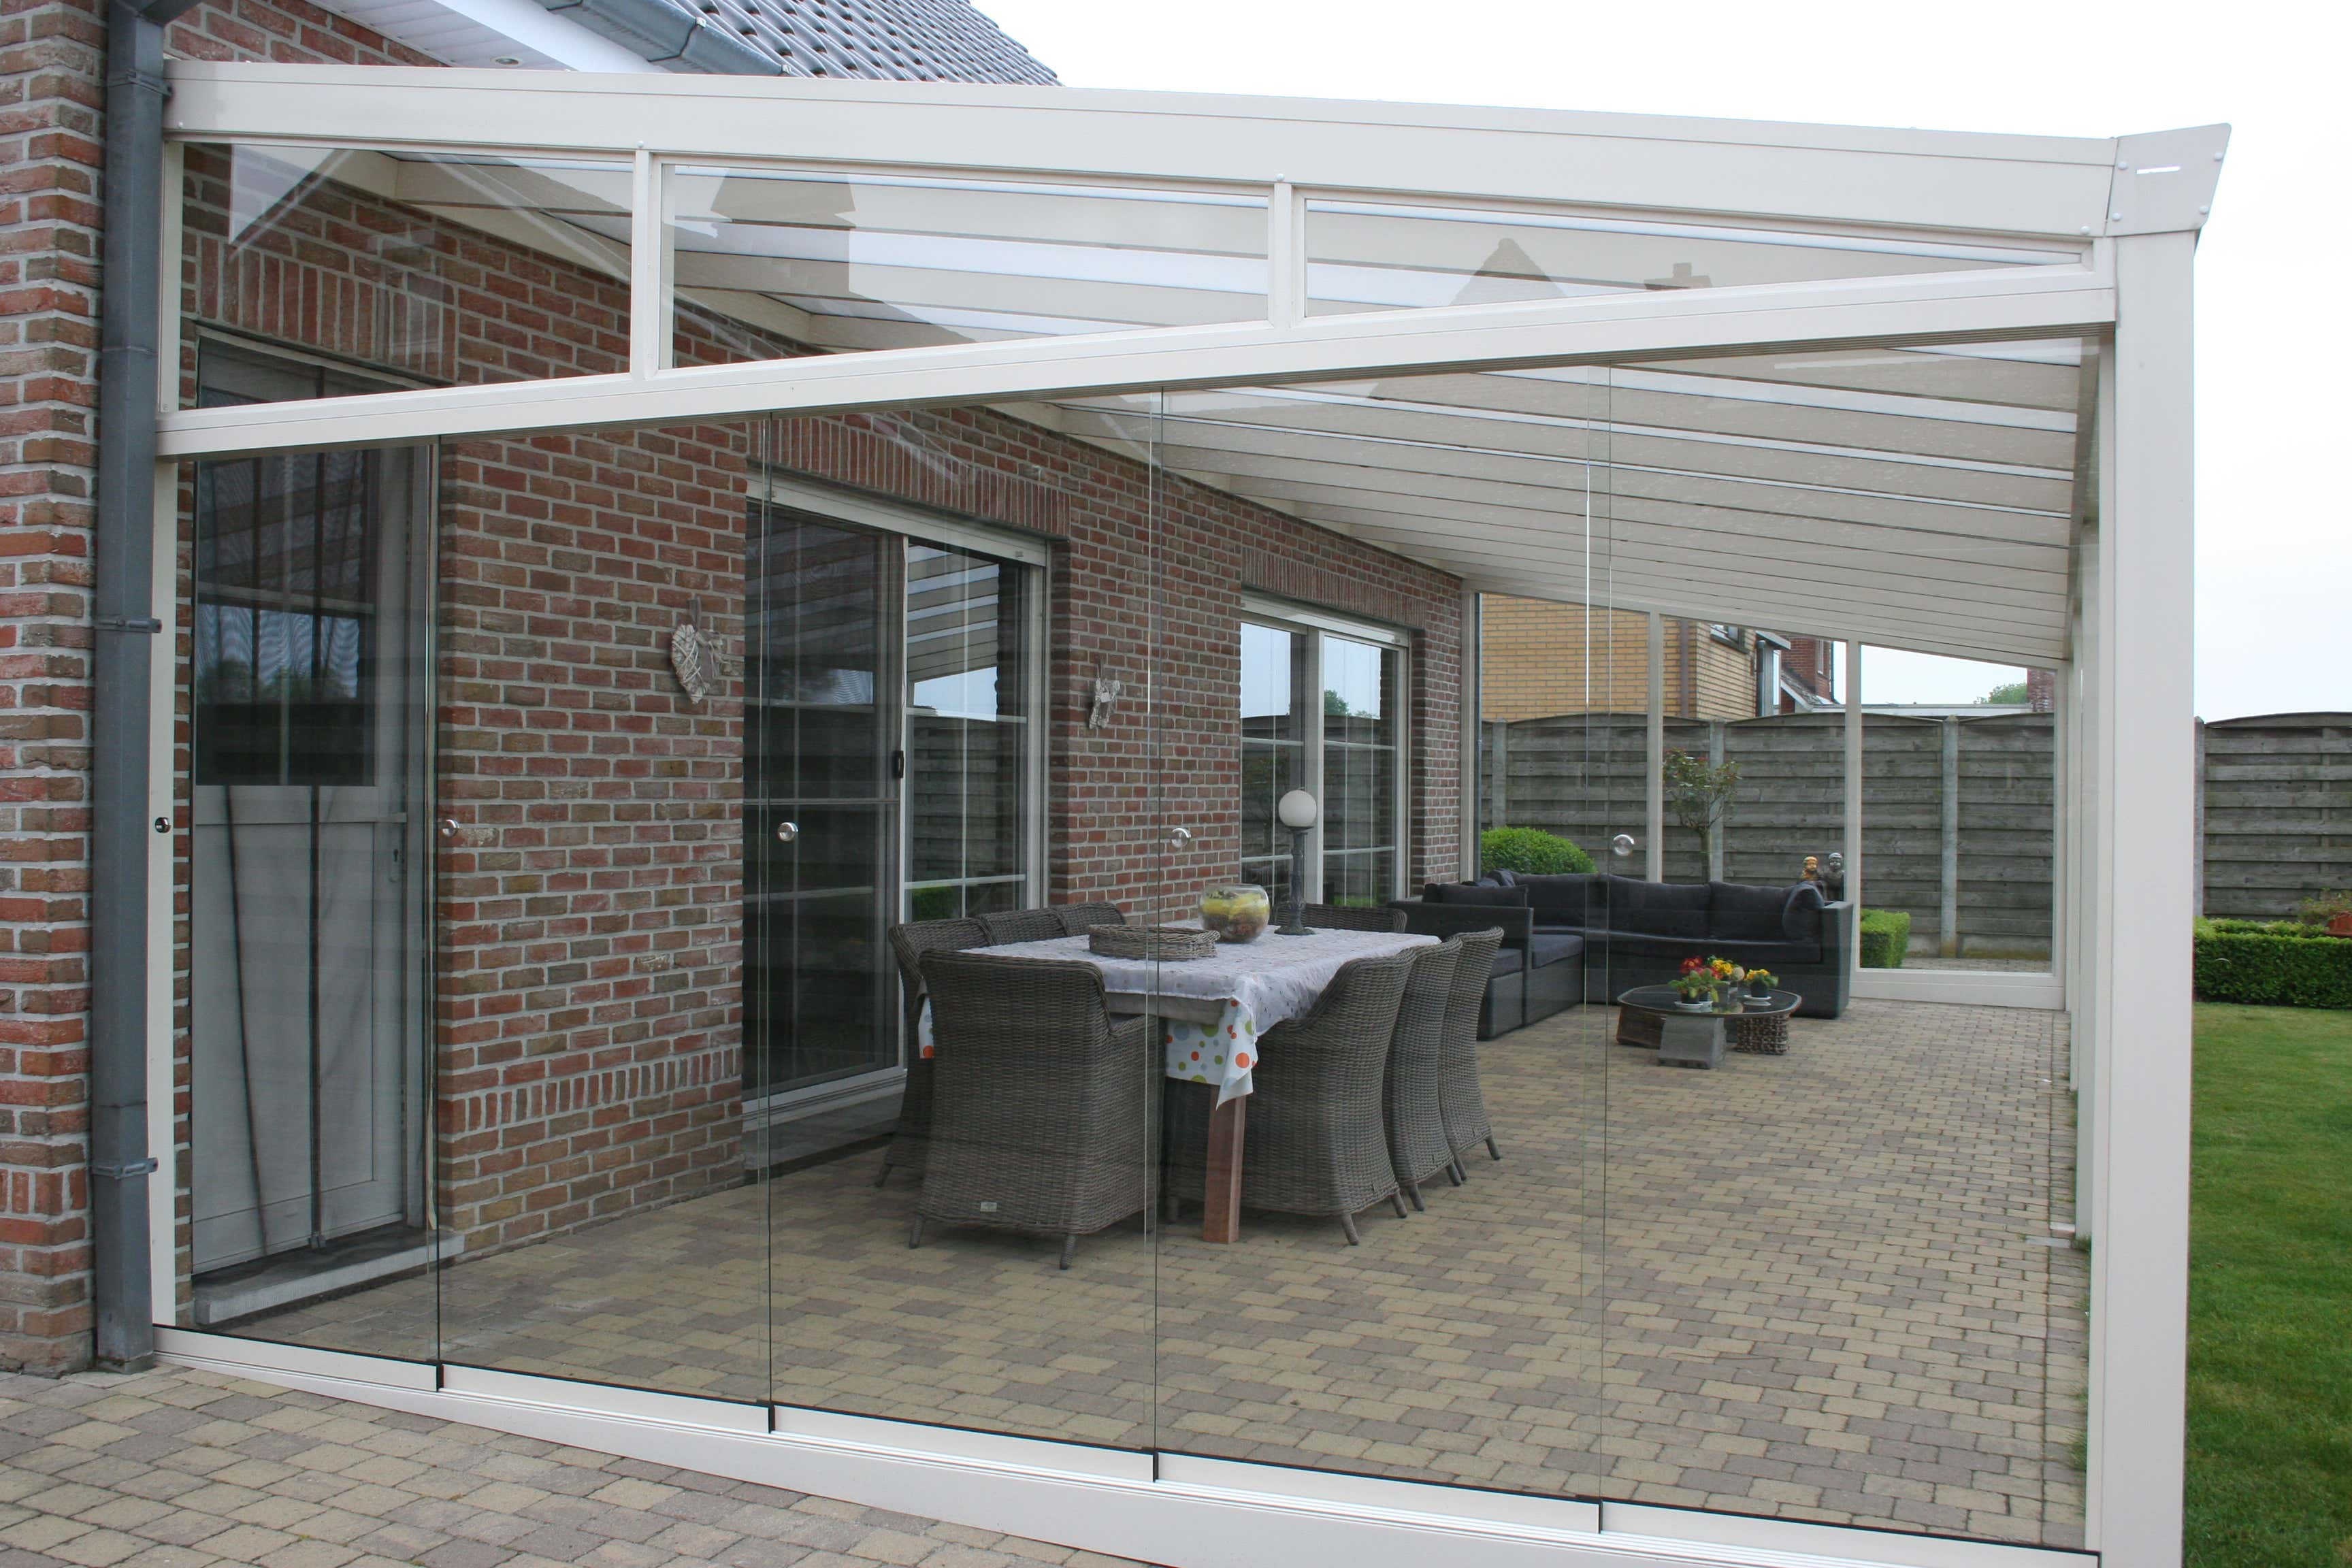 gartenzimmer 700 x 350 cm inkl glasschiebew nde und keilfenster a z gartenhaus gmbh. Black Bedroom Furniture Sets. Home Design Ideas